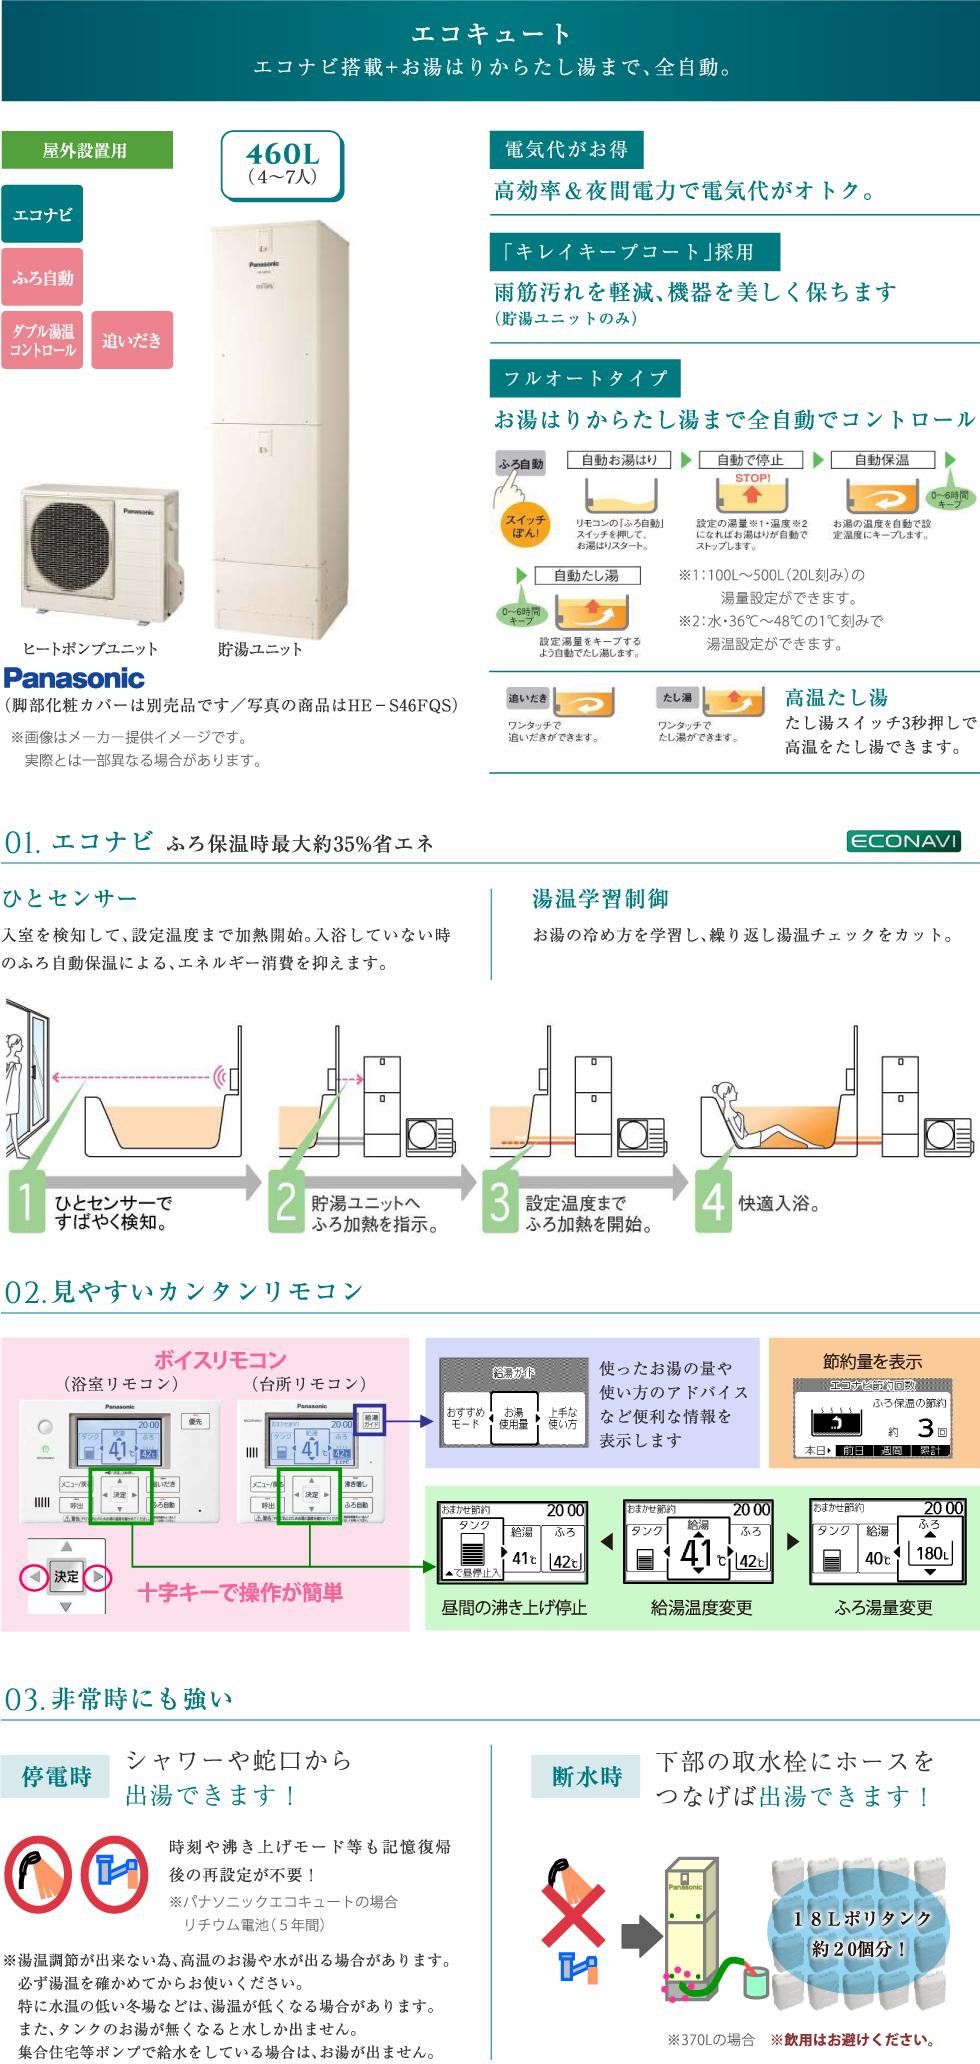 オール電化   Takara standardのエコキュート